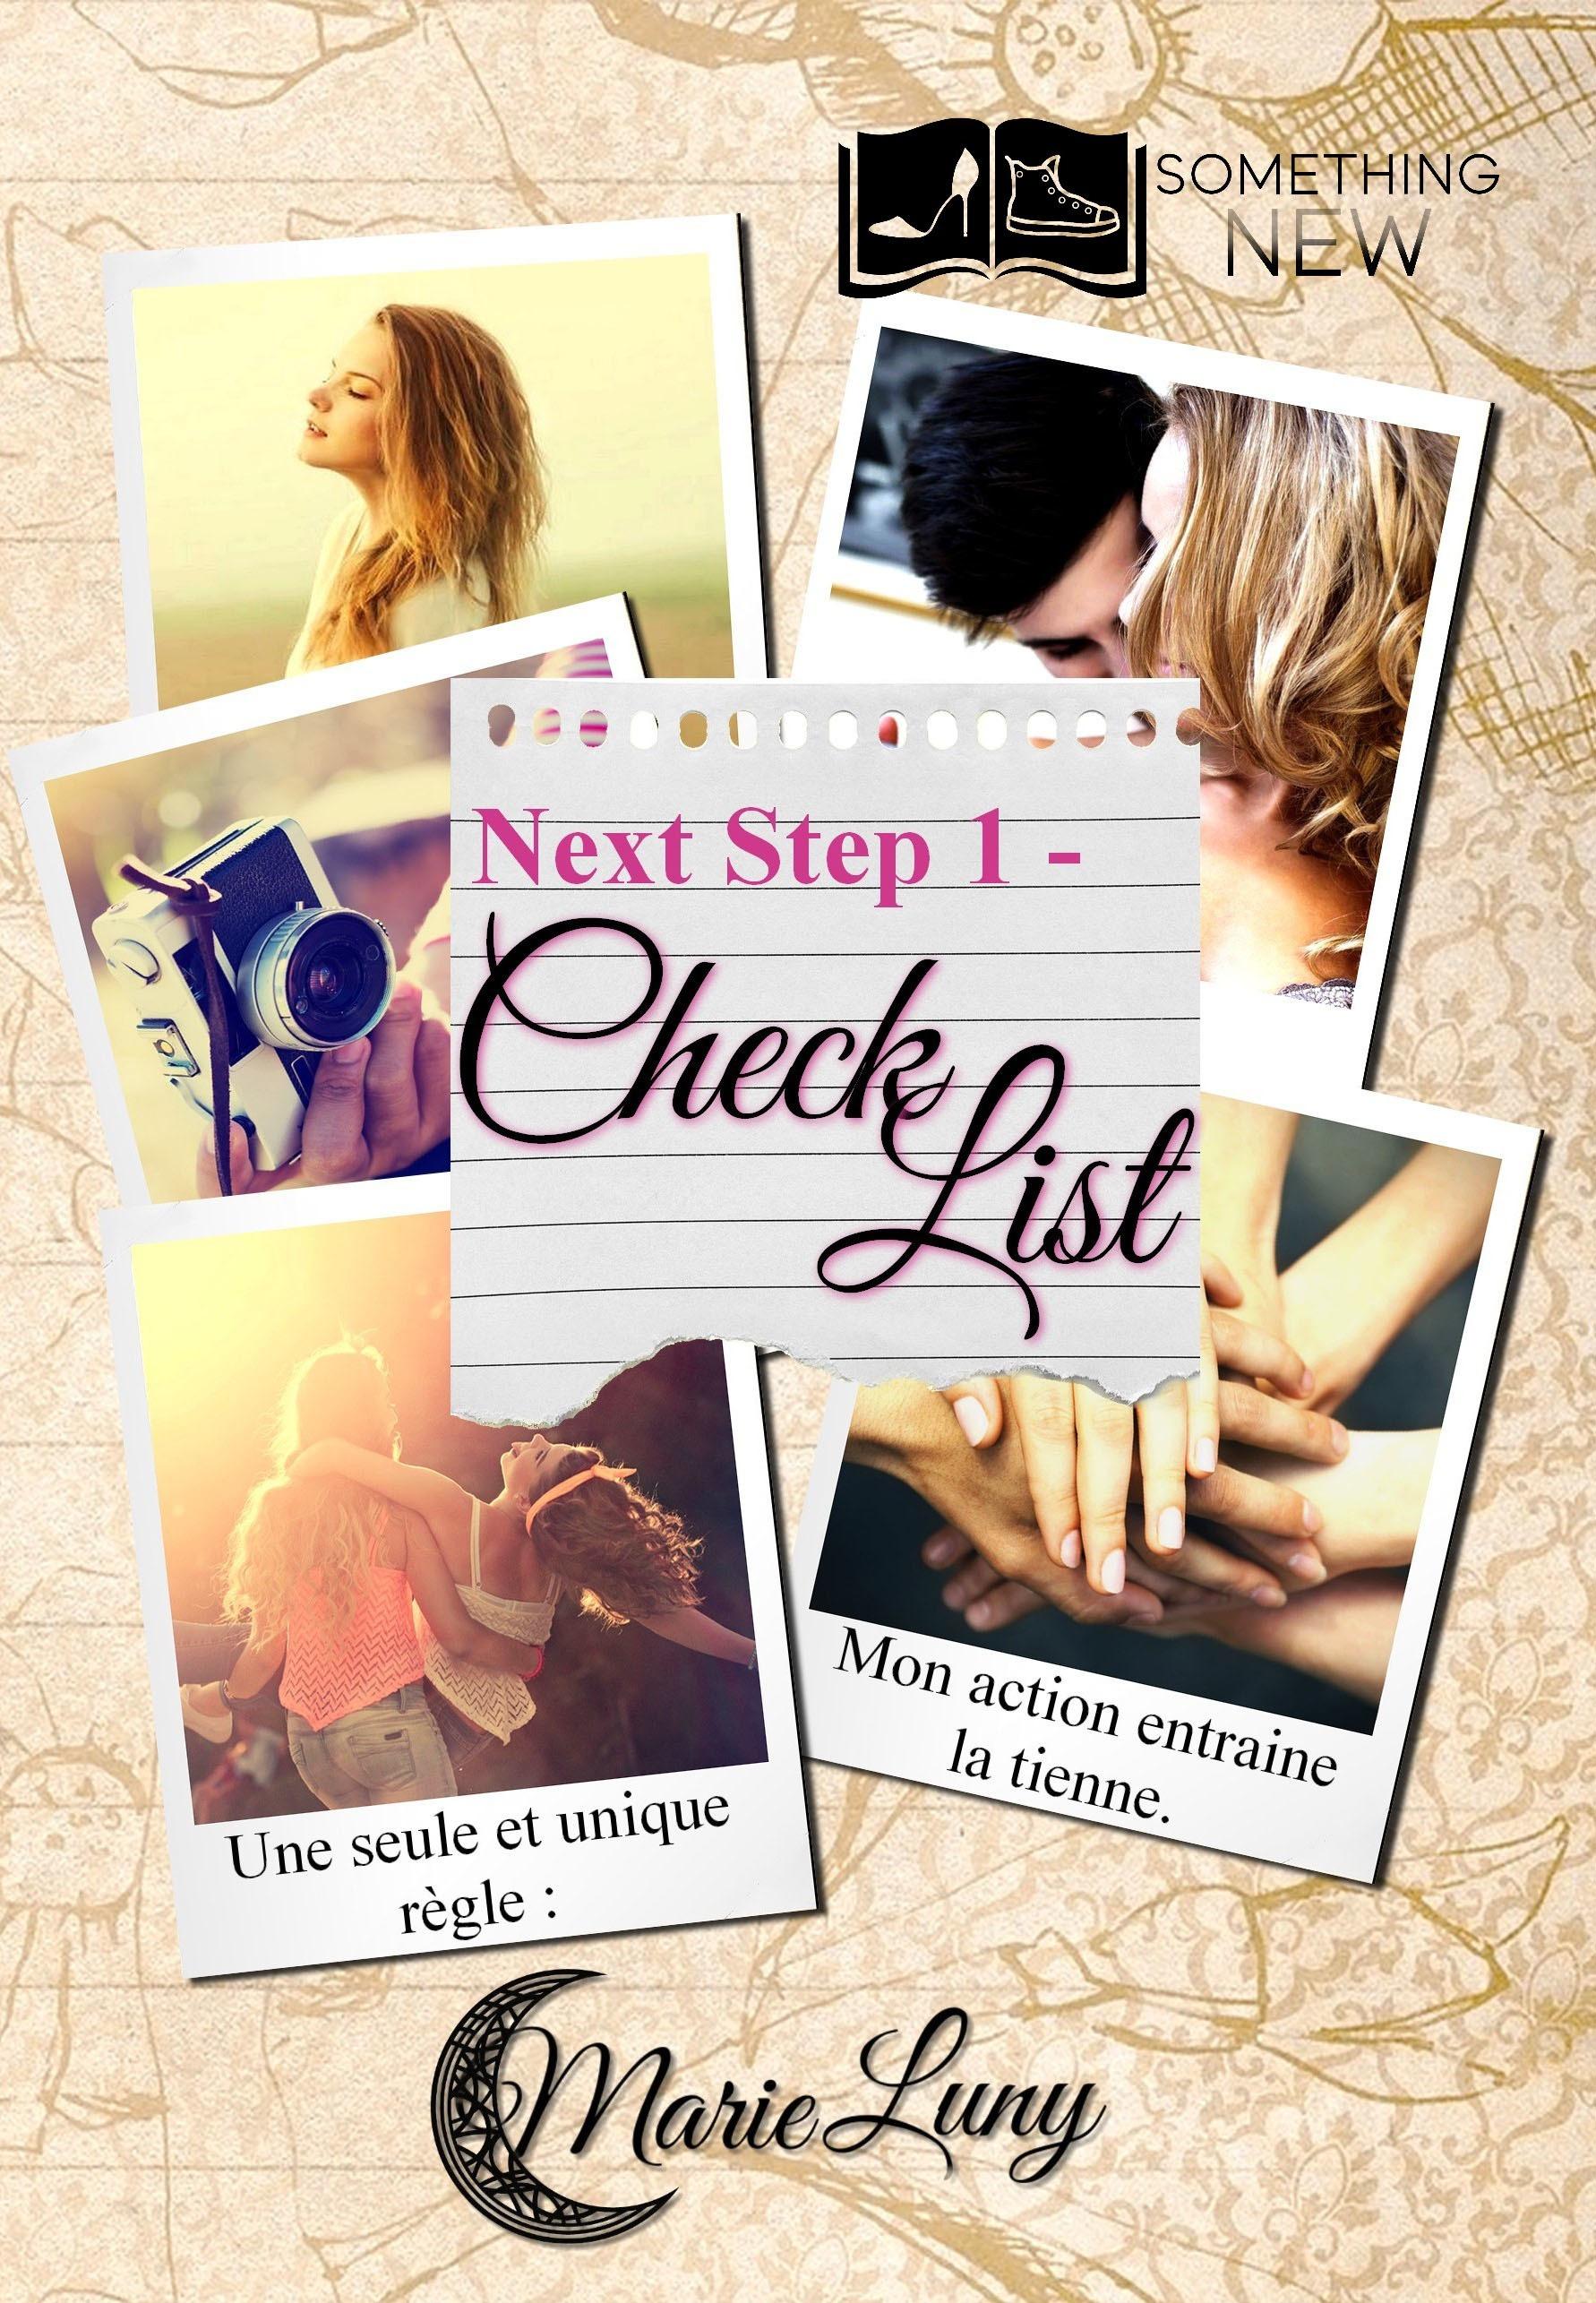 Next Step, tome 1 : Check List